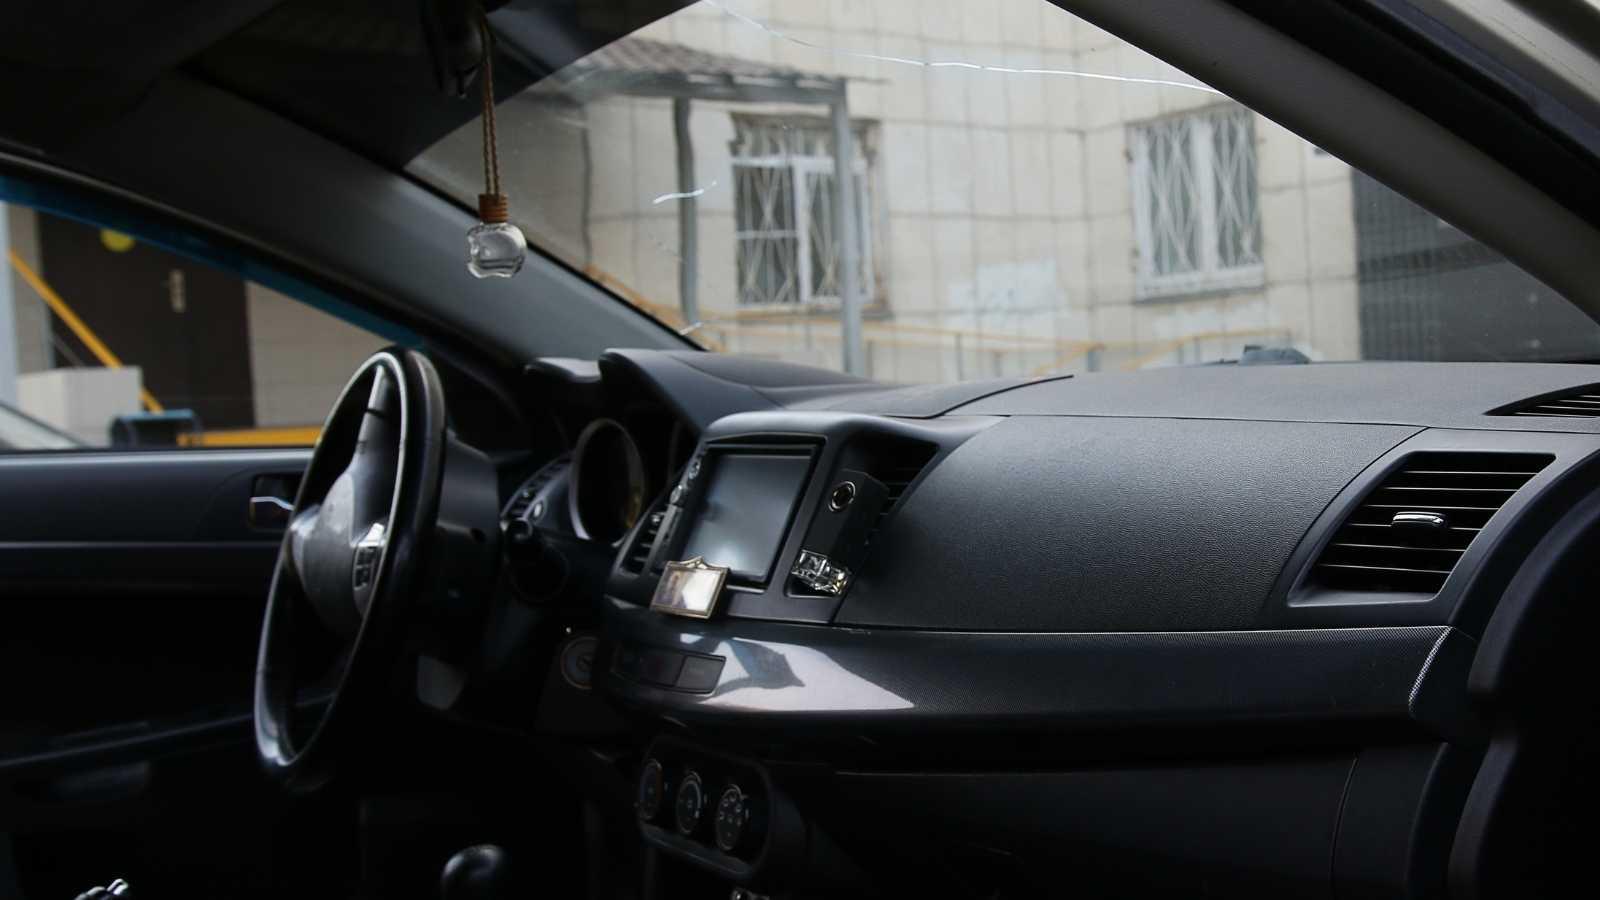 ilustrasi bersihkan kabin mobil baru